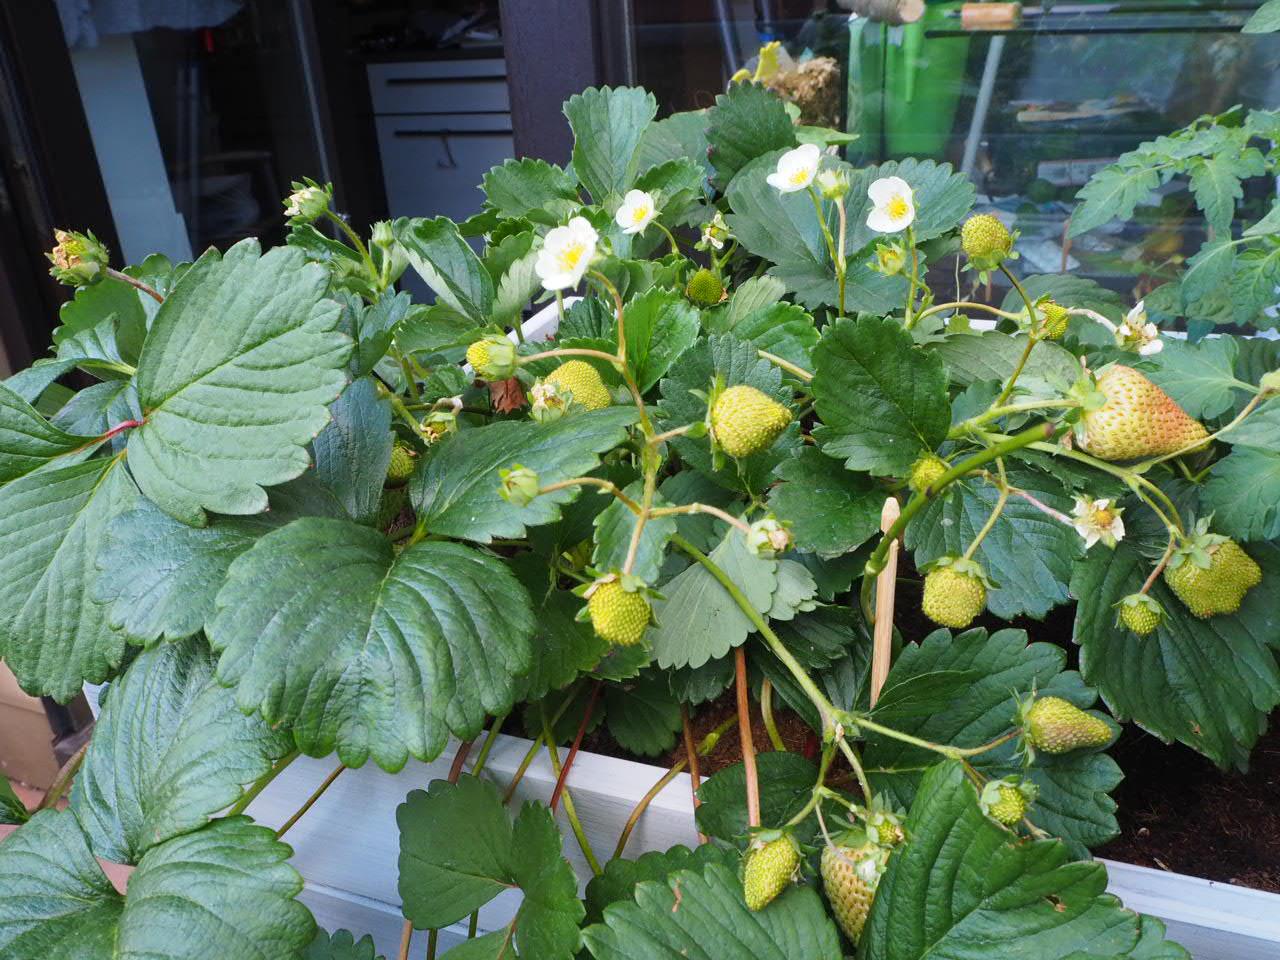 Das Hochbeet auf dem Balkon trägt auch Erdbeeren